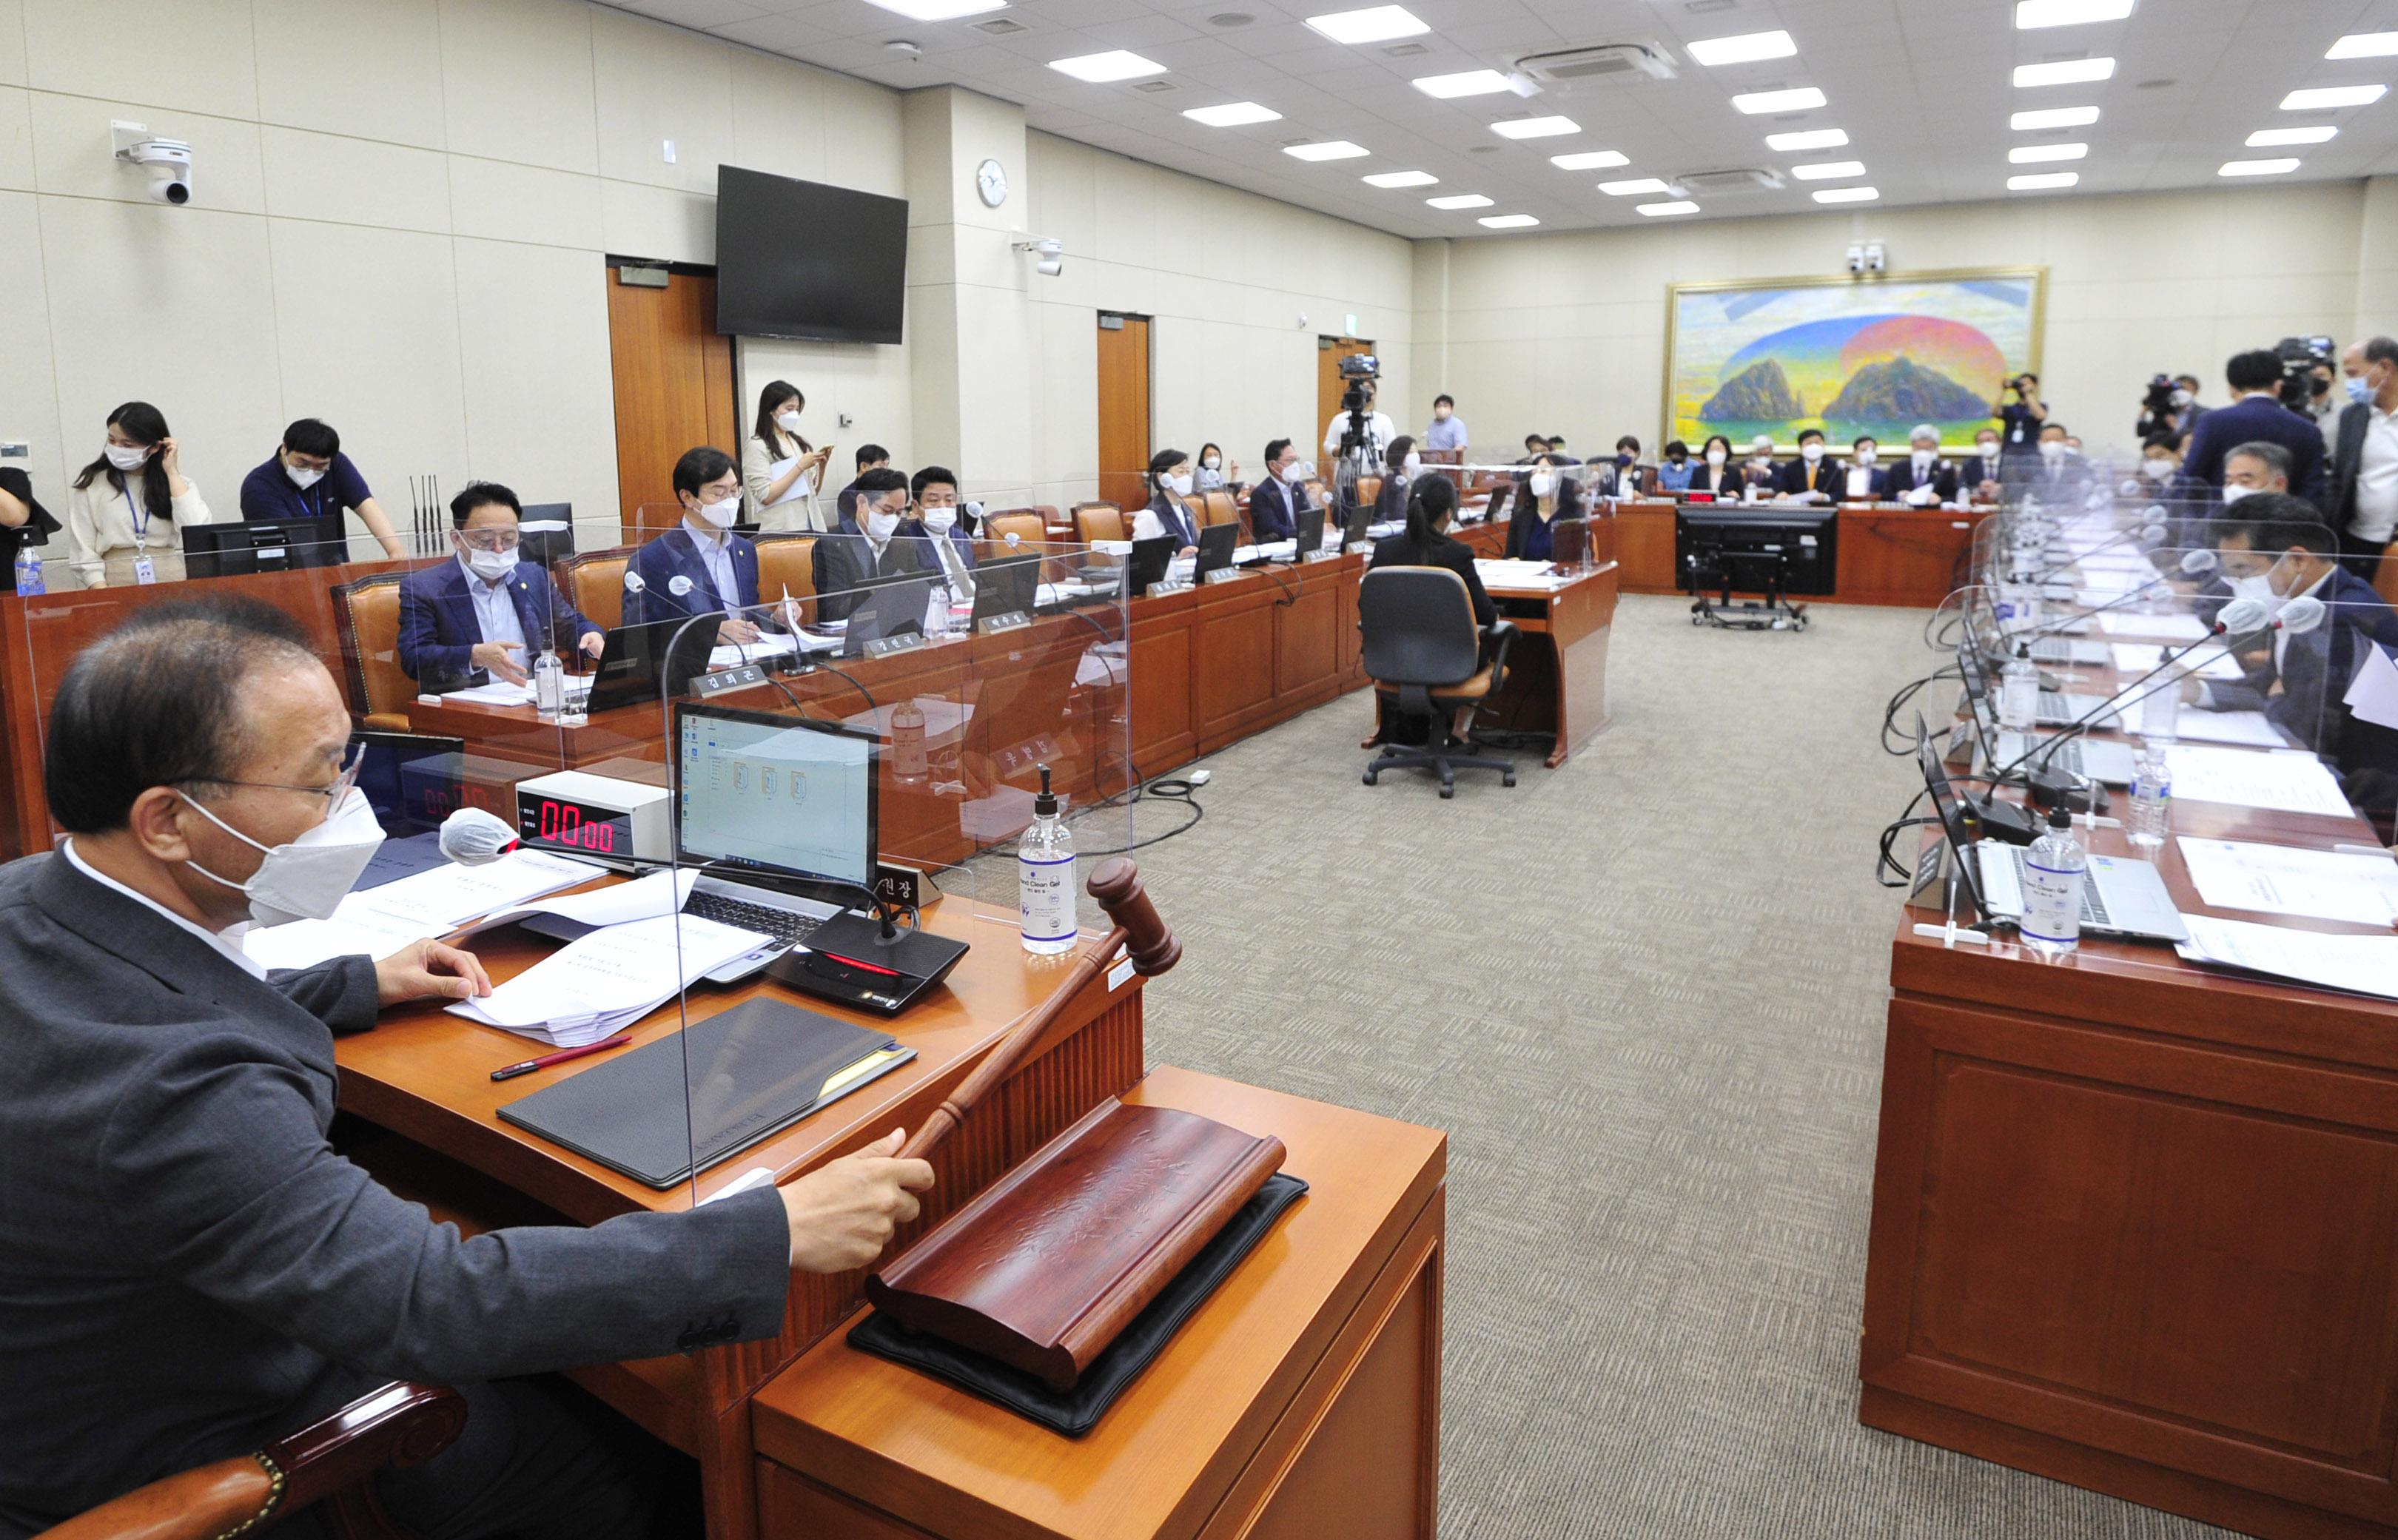 정무위, 국정감사계획서 채택의건 상정…ICT 기업 대표들 증인으로